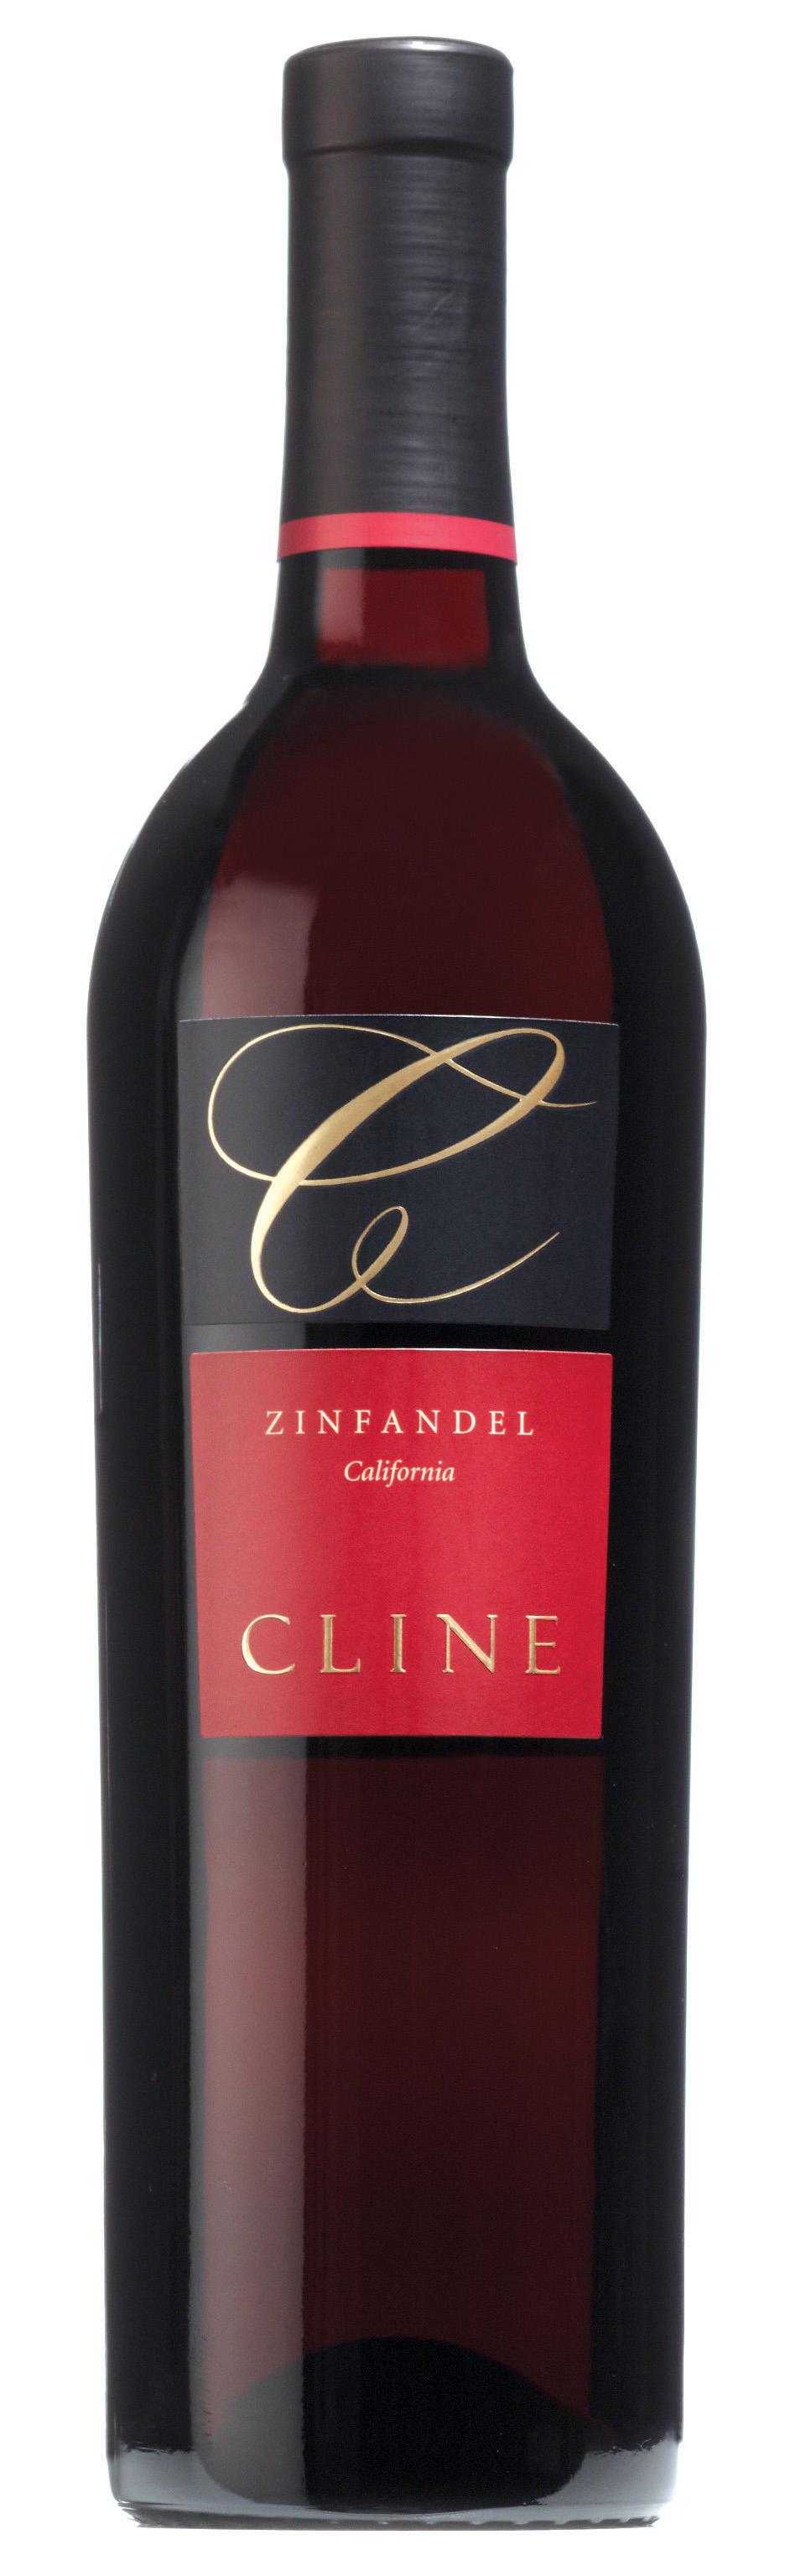 Cline Red Zin Zinfandel California Zinfandel Wine